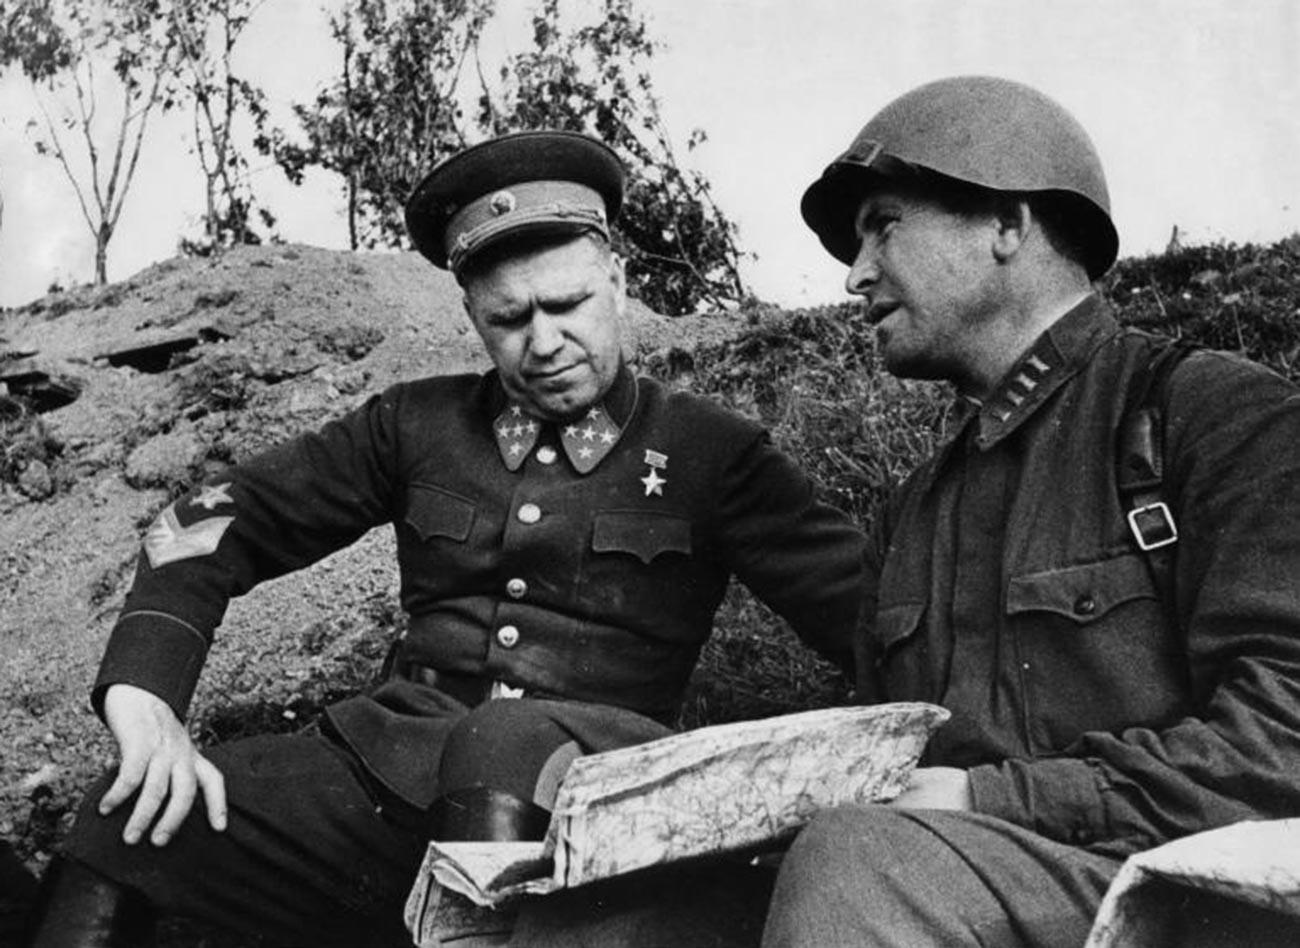 Poveljnik Kijevskega vojaškega okrožja Žukov z divizijskim komisarjem Mironovom